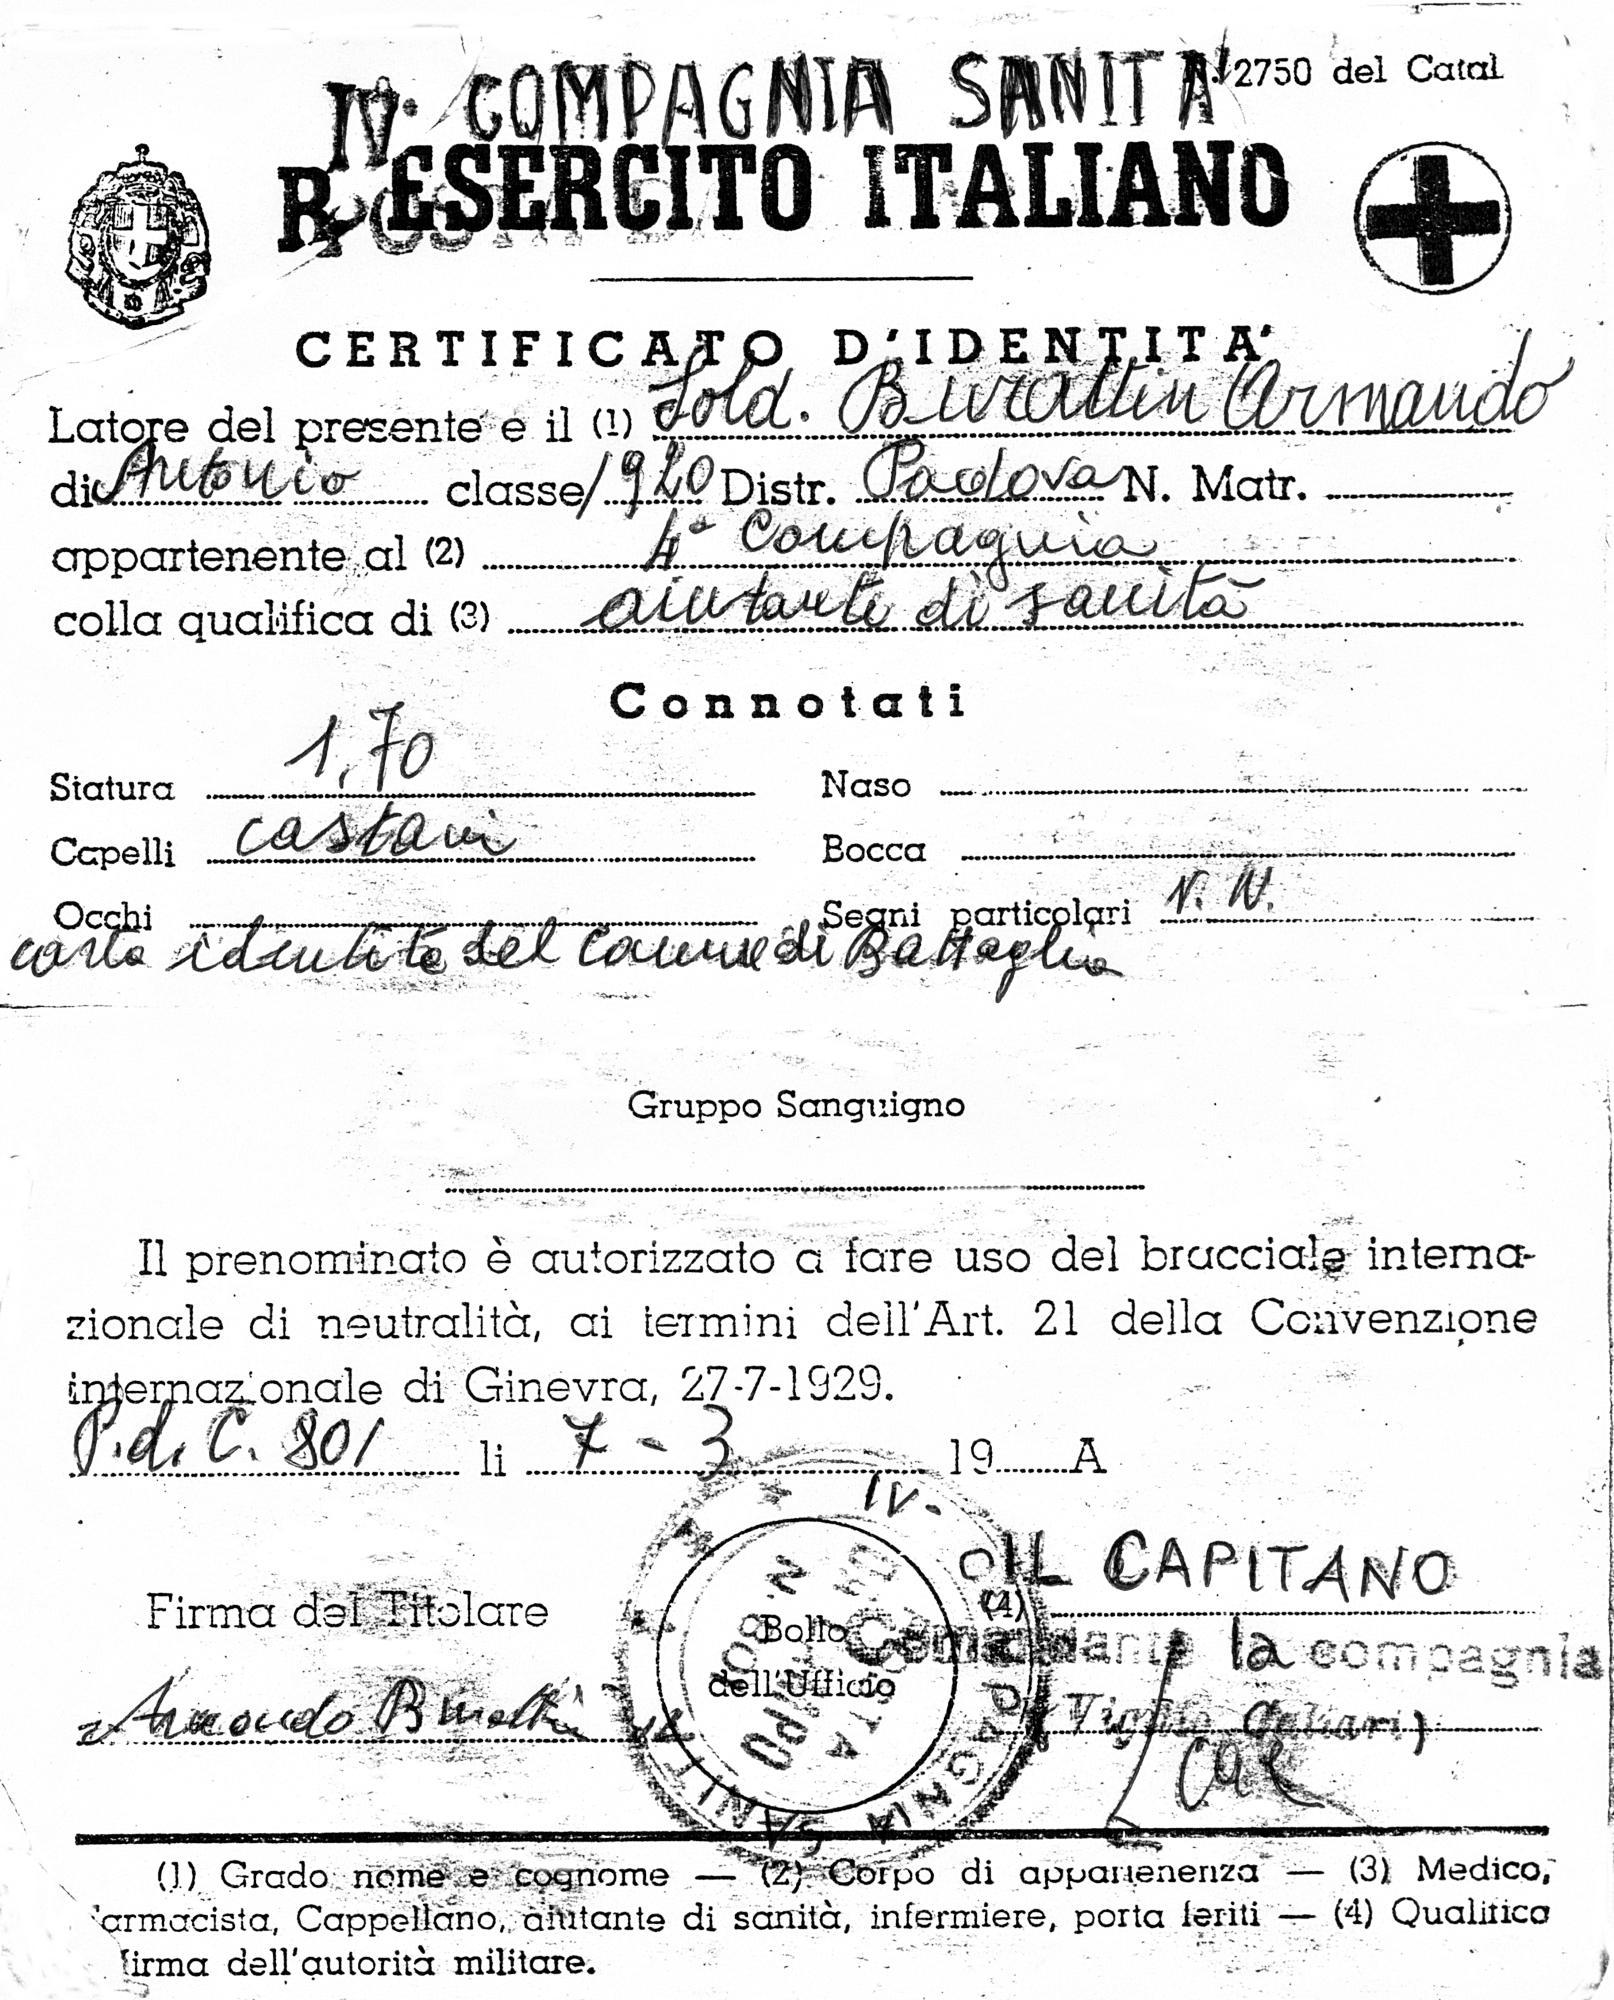 Certificato d'identità rilasciato a Burattin Armando.